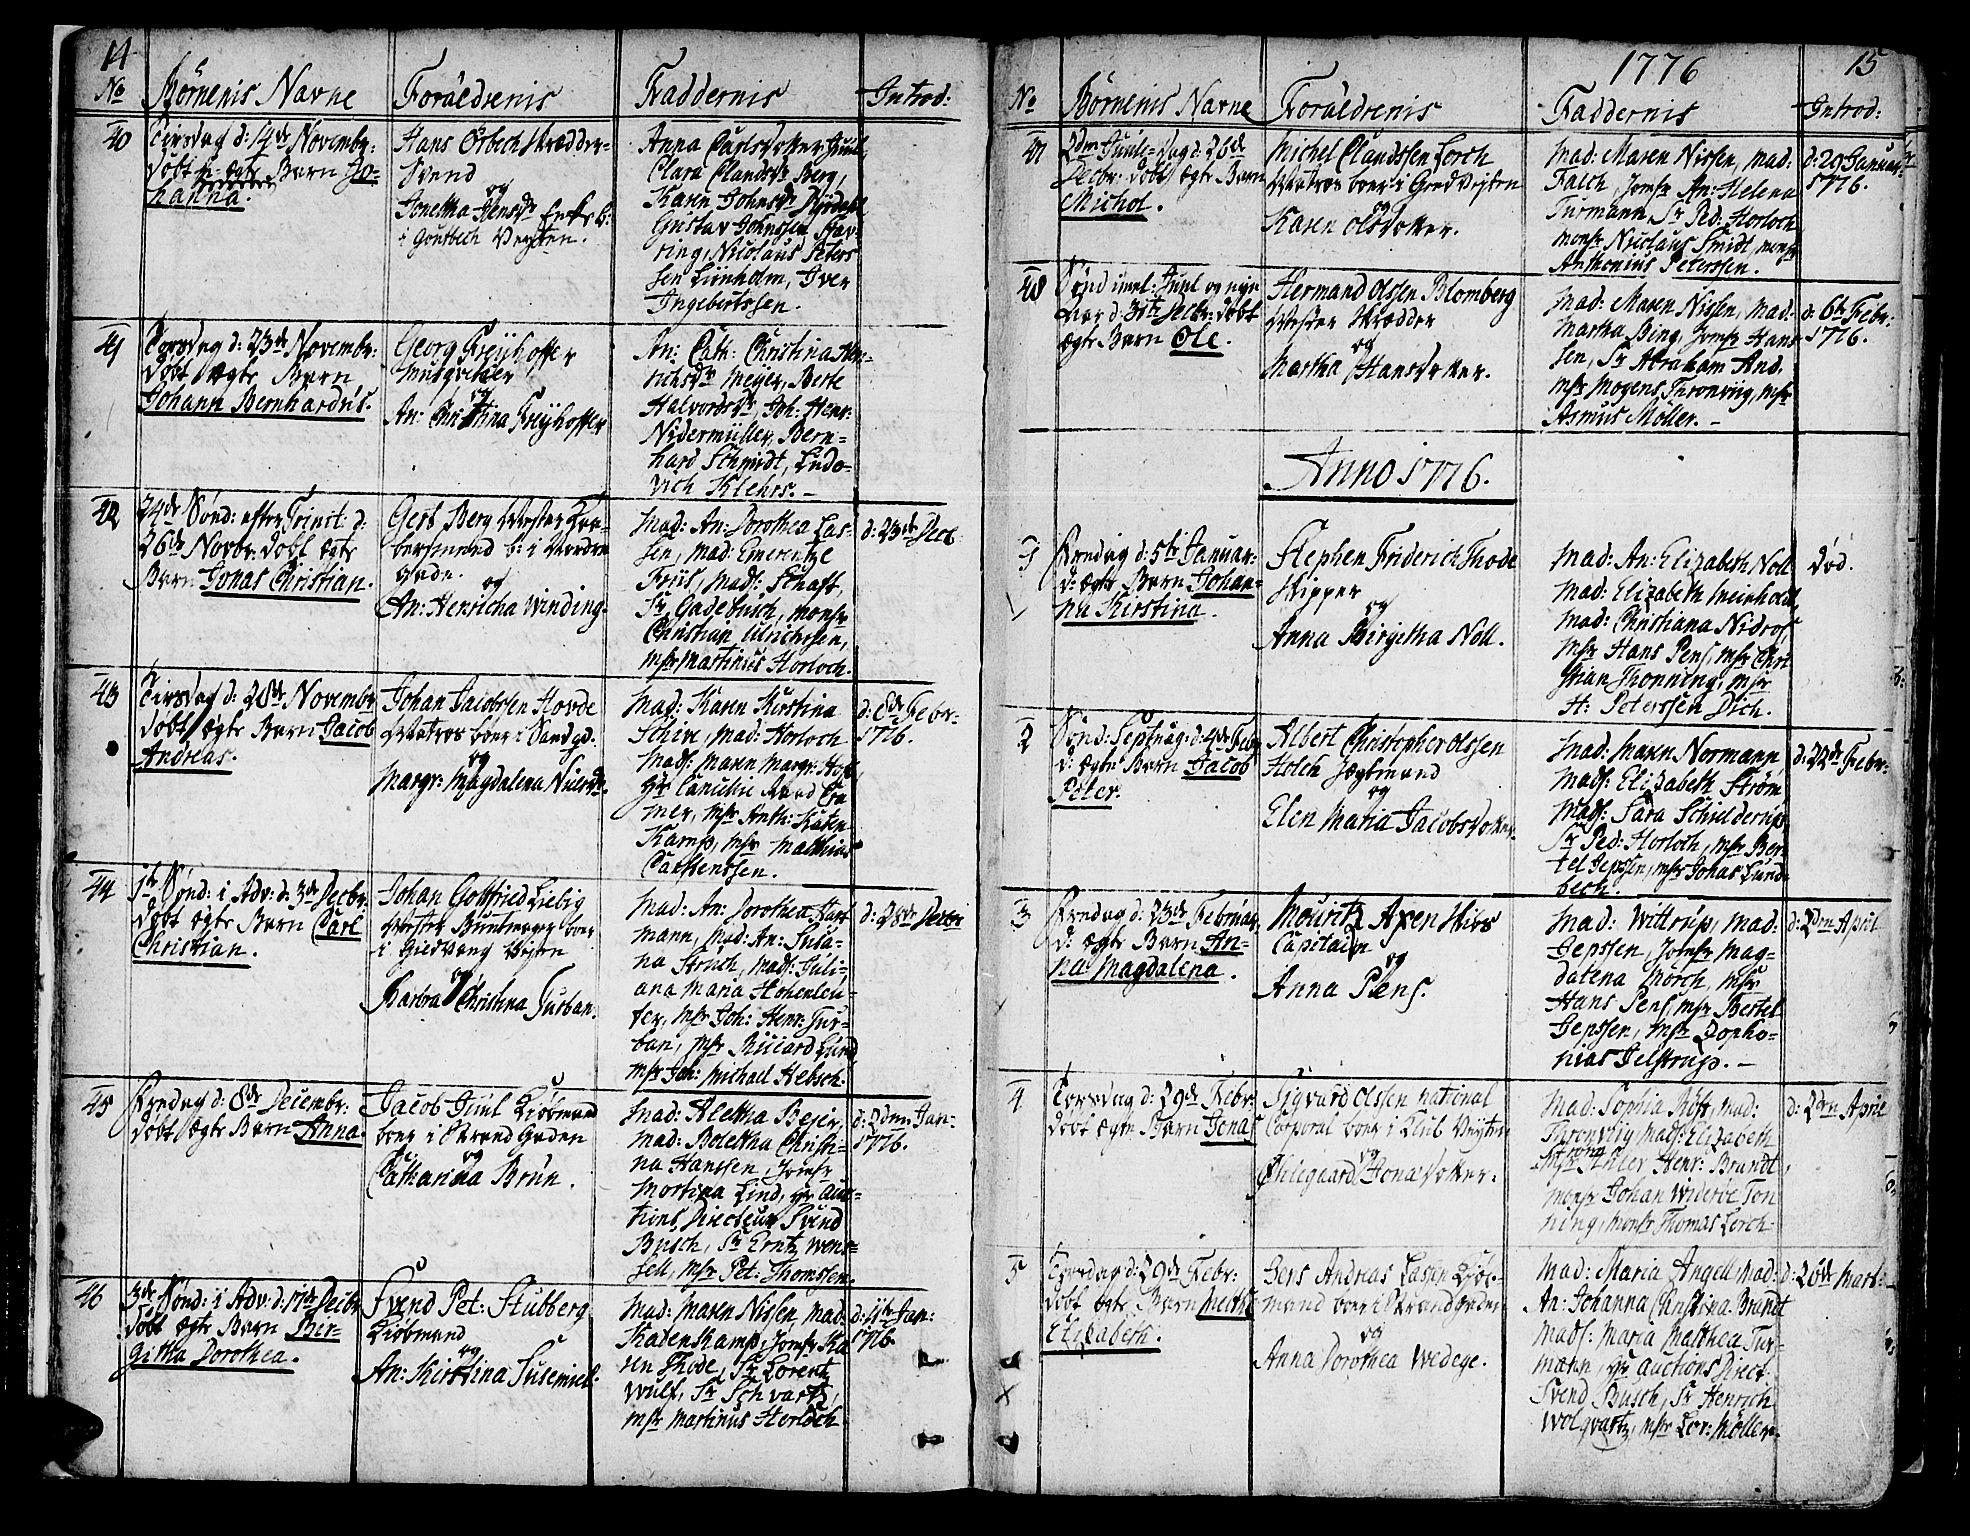 SAT, Ministerialprotokoller, klokkerbøker og fødselsregistre - Sør-Trøndelag, 602/L0104: Ministerialbok nr. 602A02, 1774-1814, s. 14-15